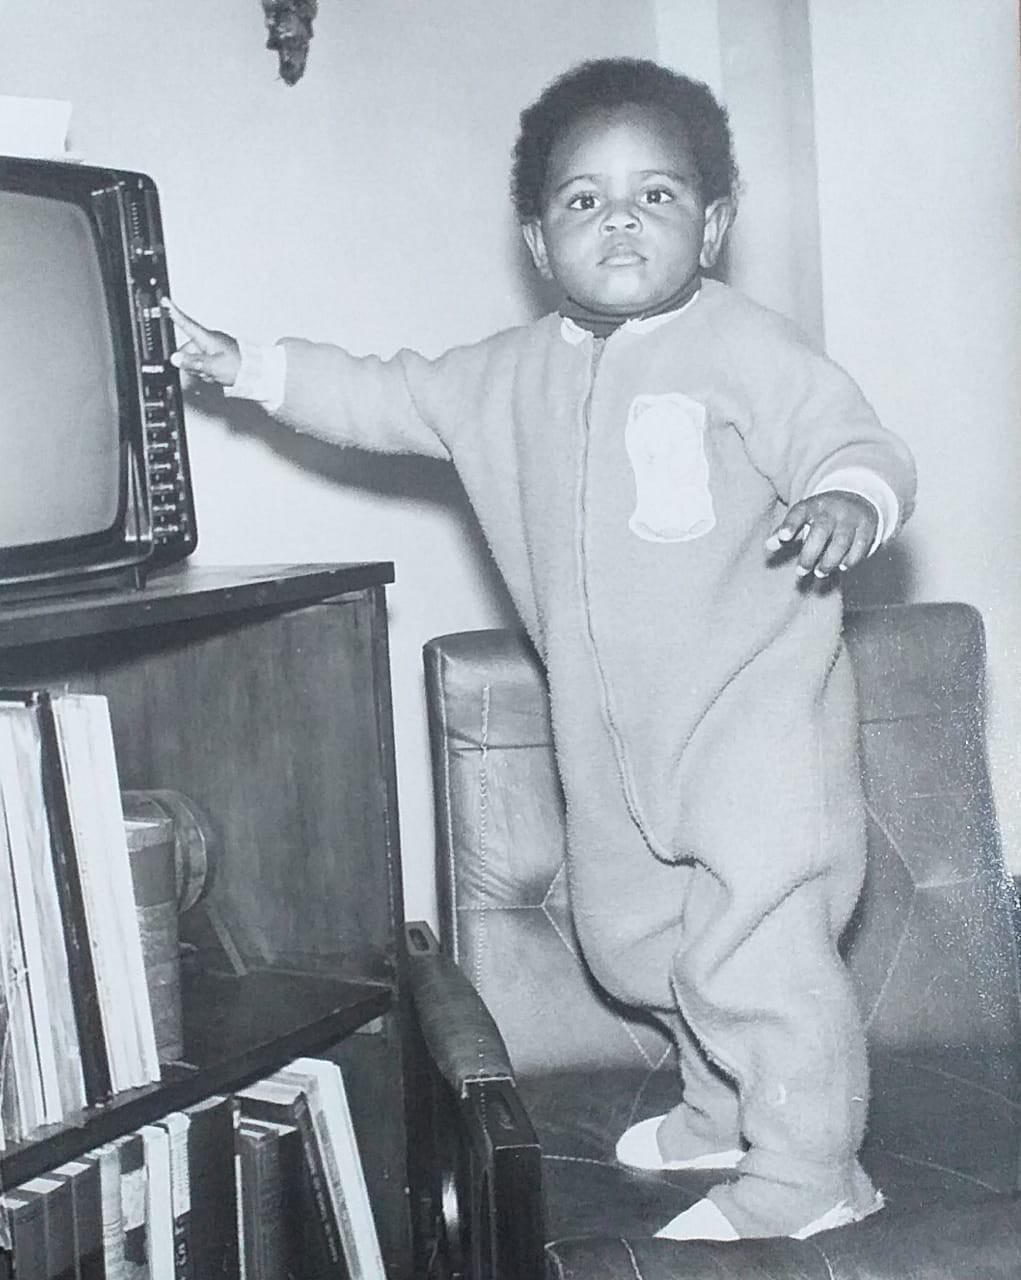 Alessandra ainda bebê: a lembrança de ter televisão em casa nos anos 1970 - Arquivo pessoal